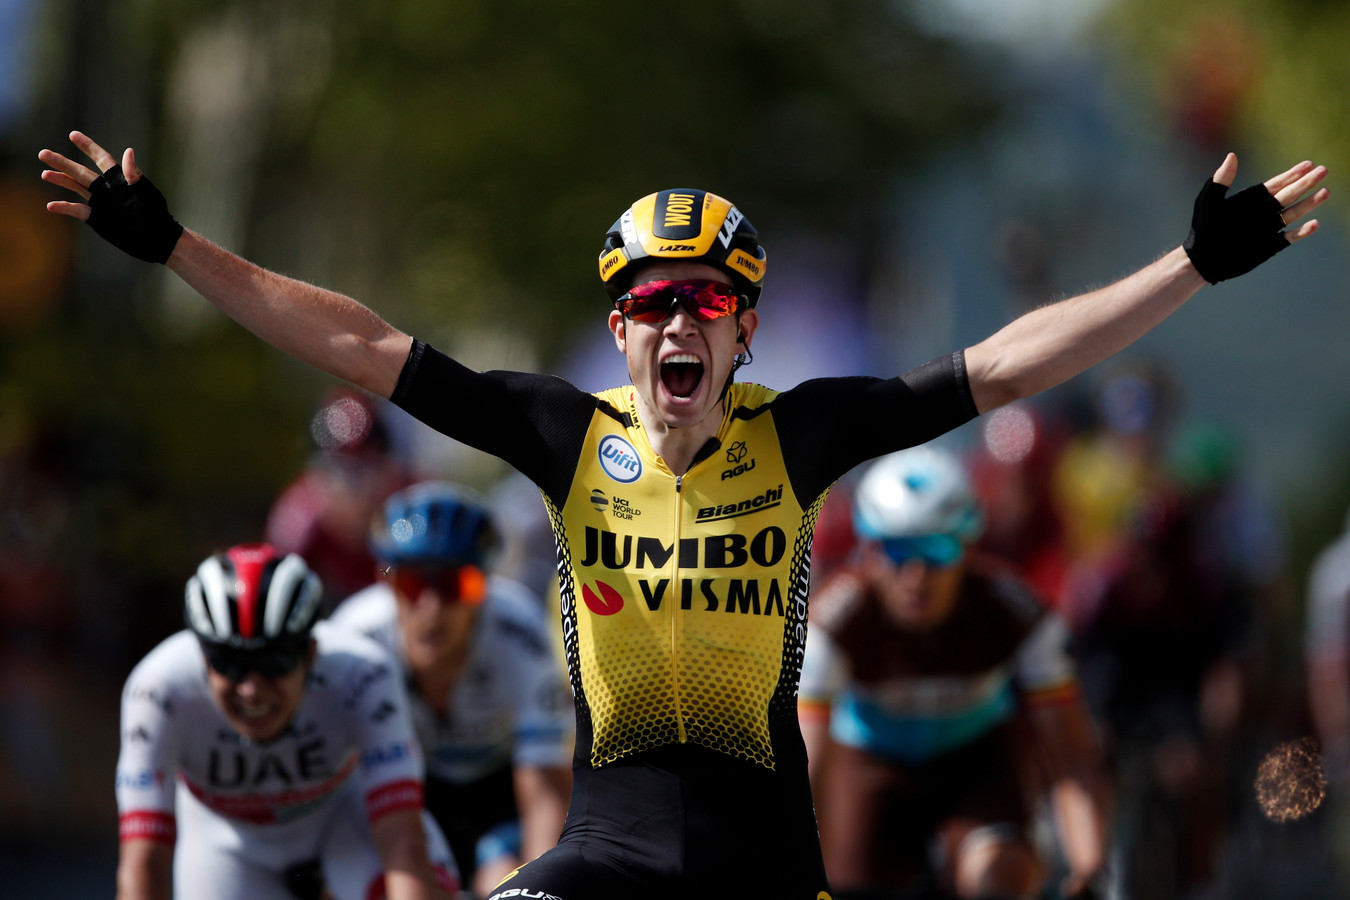 Wout van Aert wint in Albi en zorgt voor alweer de vierde dagzege van Jumbo-Visma deze Tour.